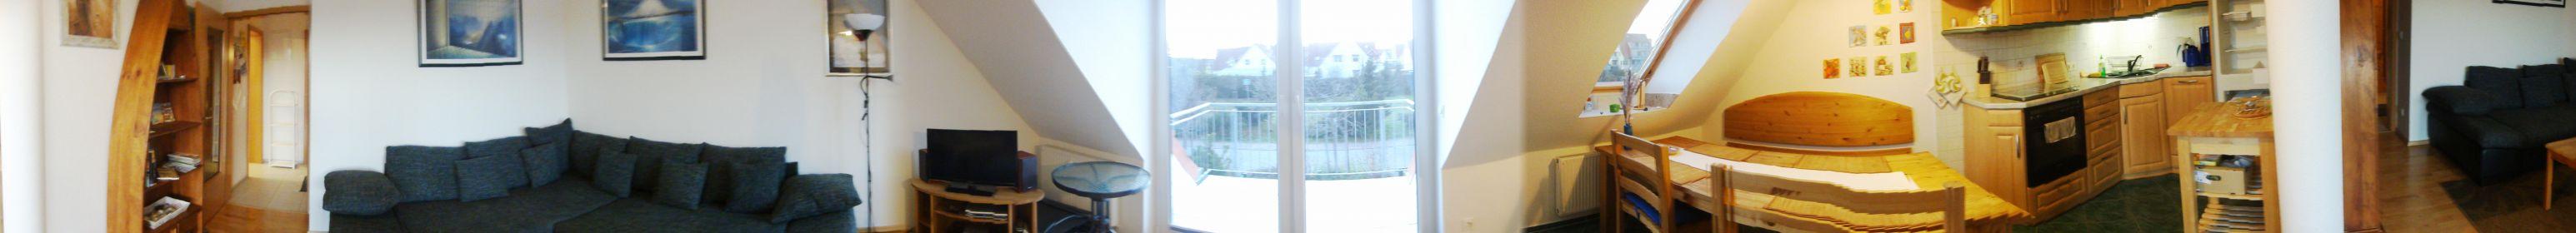 ferienwohnung-kraehennest-panorama1